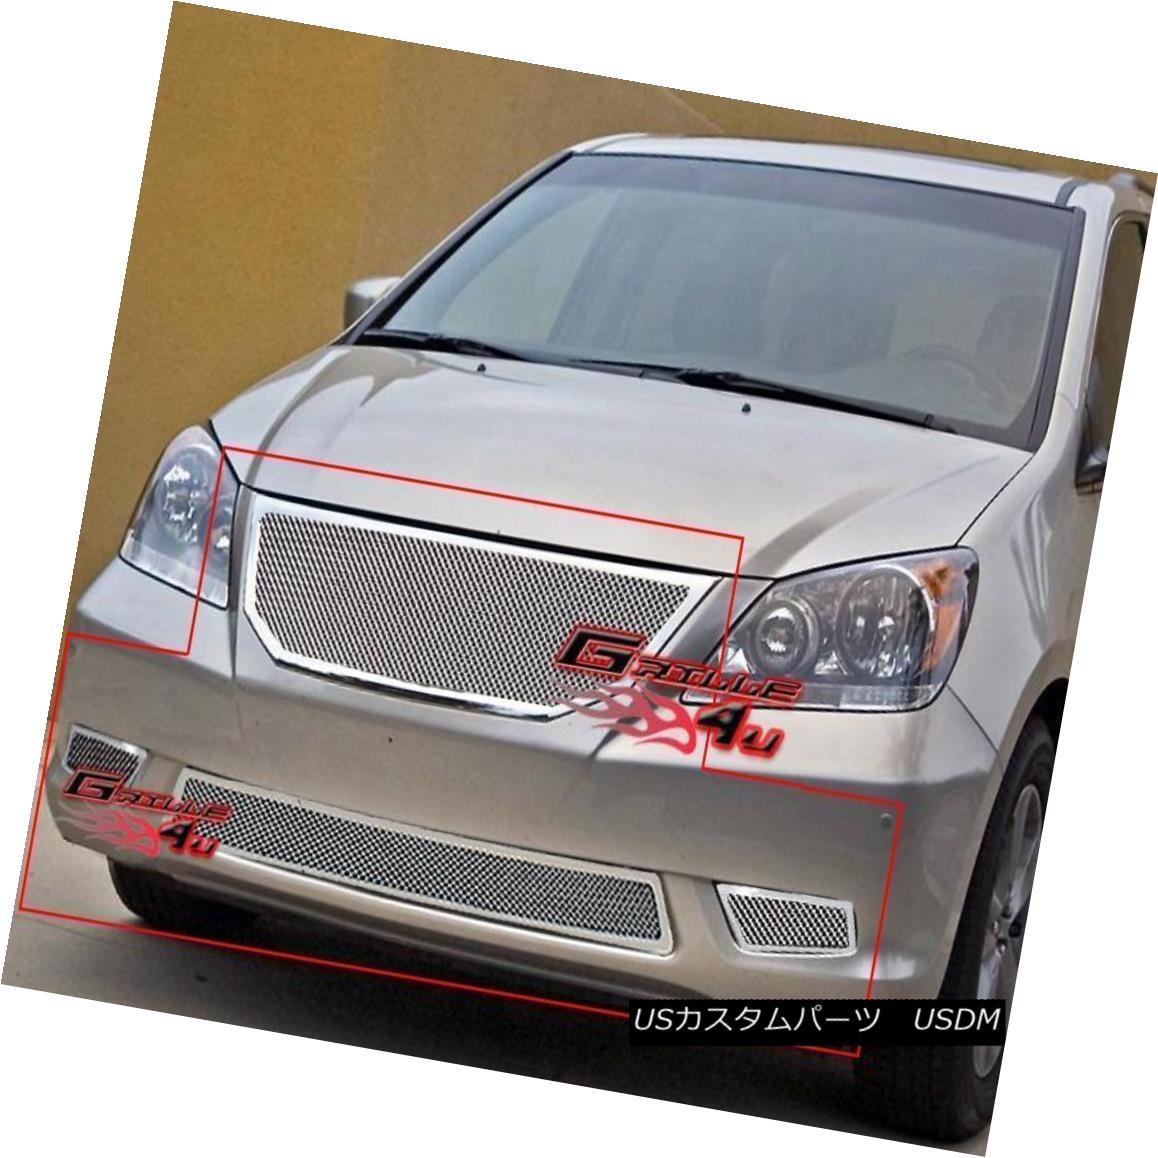 グリル Fits 08-10 Honda Odyssey Stainless Mesh Grille Grill Combo Insert フィット08-10ホンダオデッセイステンレスメッシュグリルグリルコンボインサート